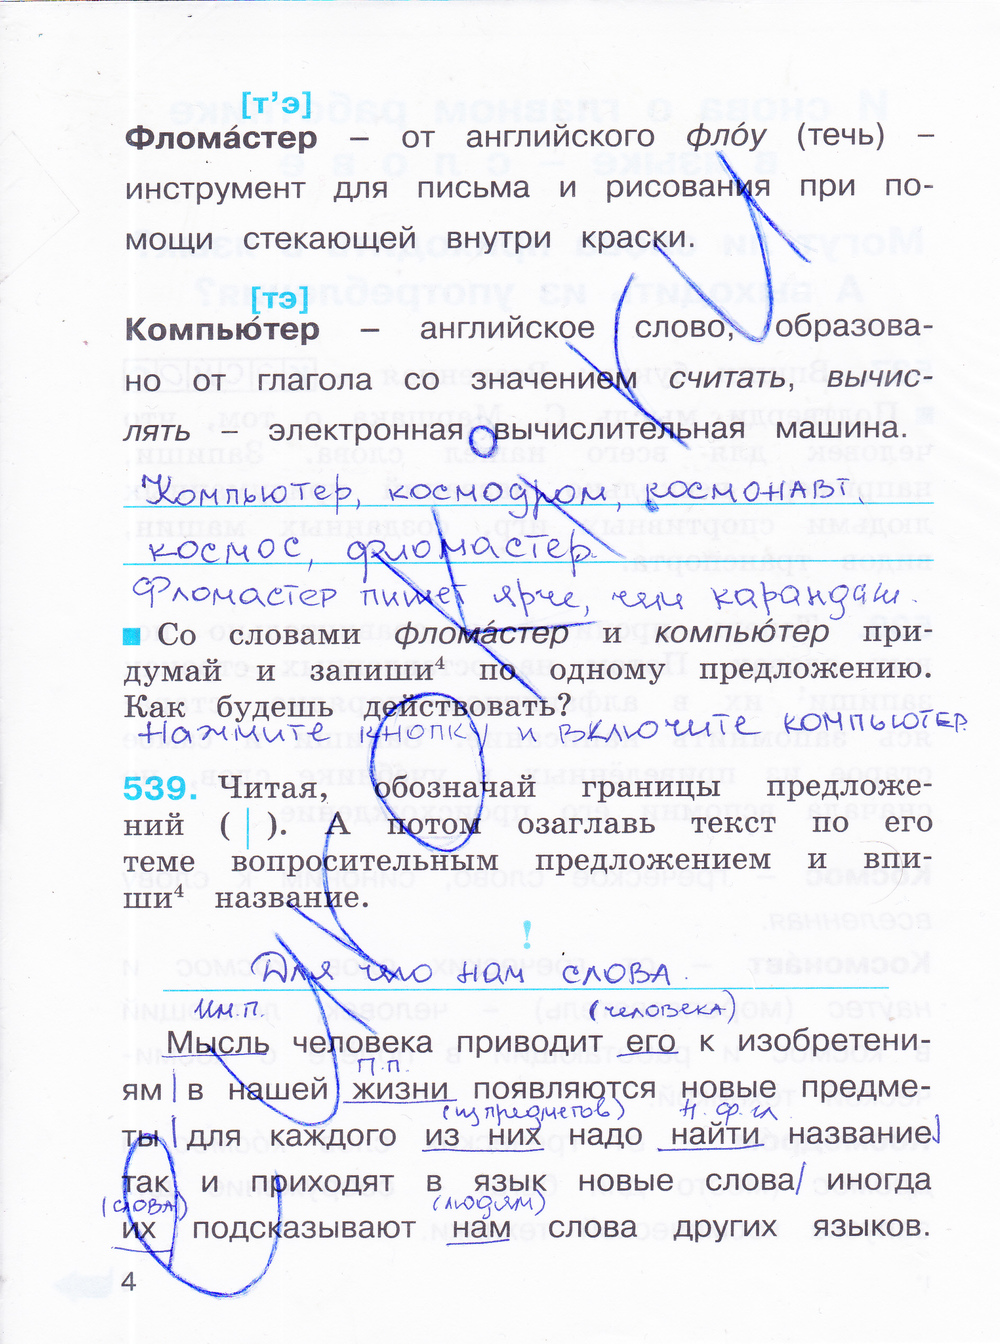 русскому 2 кузьменко по и гдз класс соловейчик языку